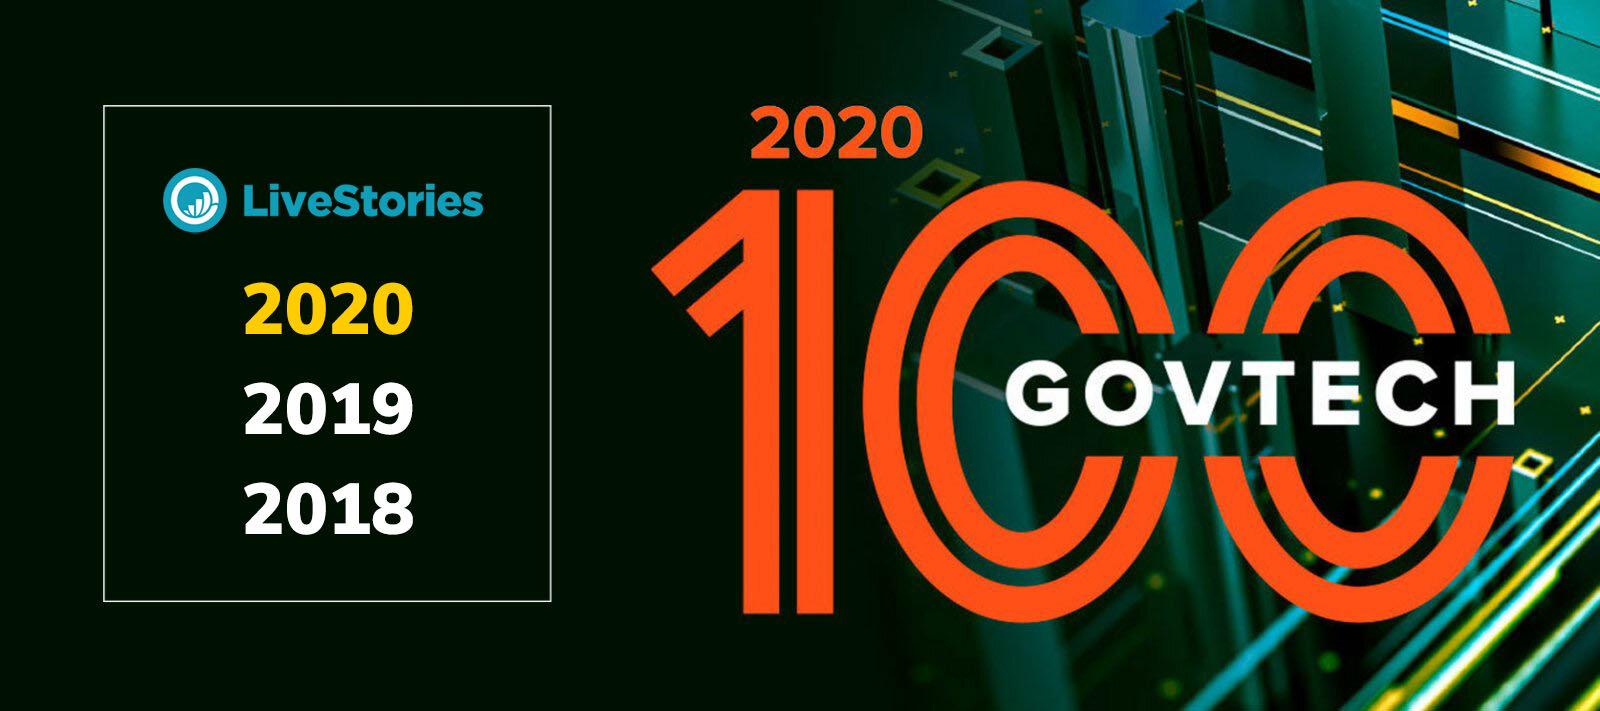 govtech100-livestories-600w-1.jpg